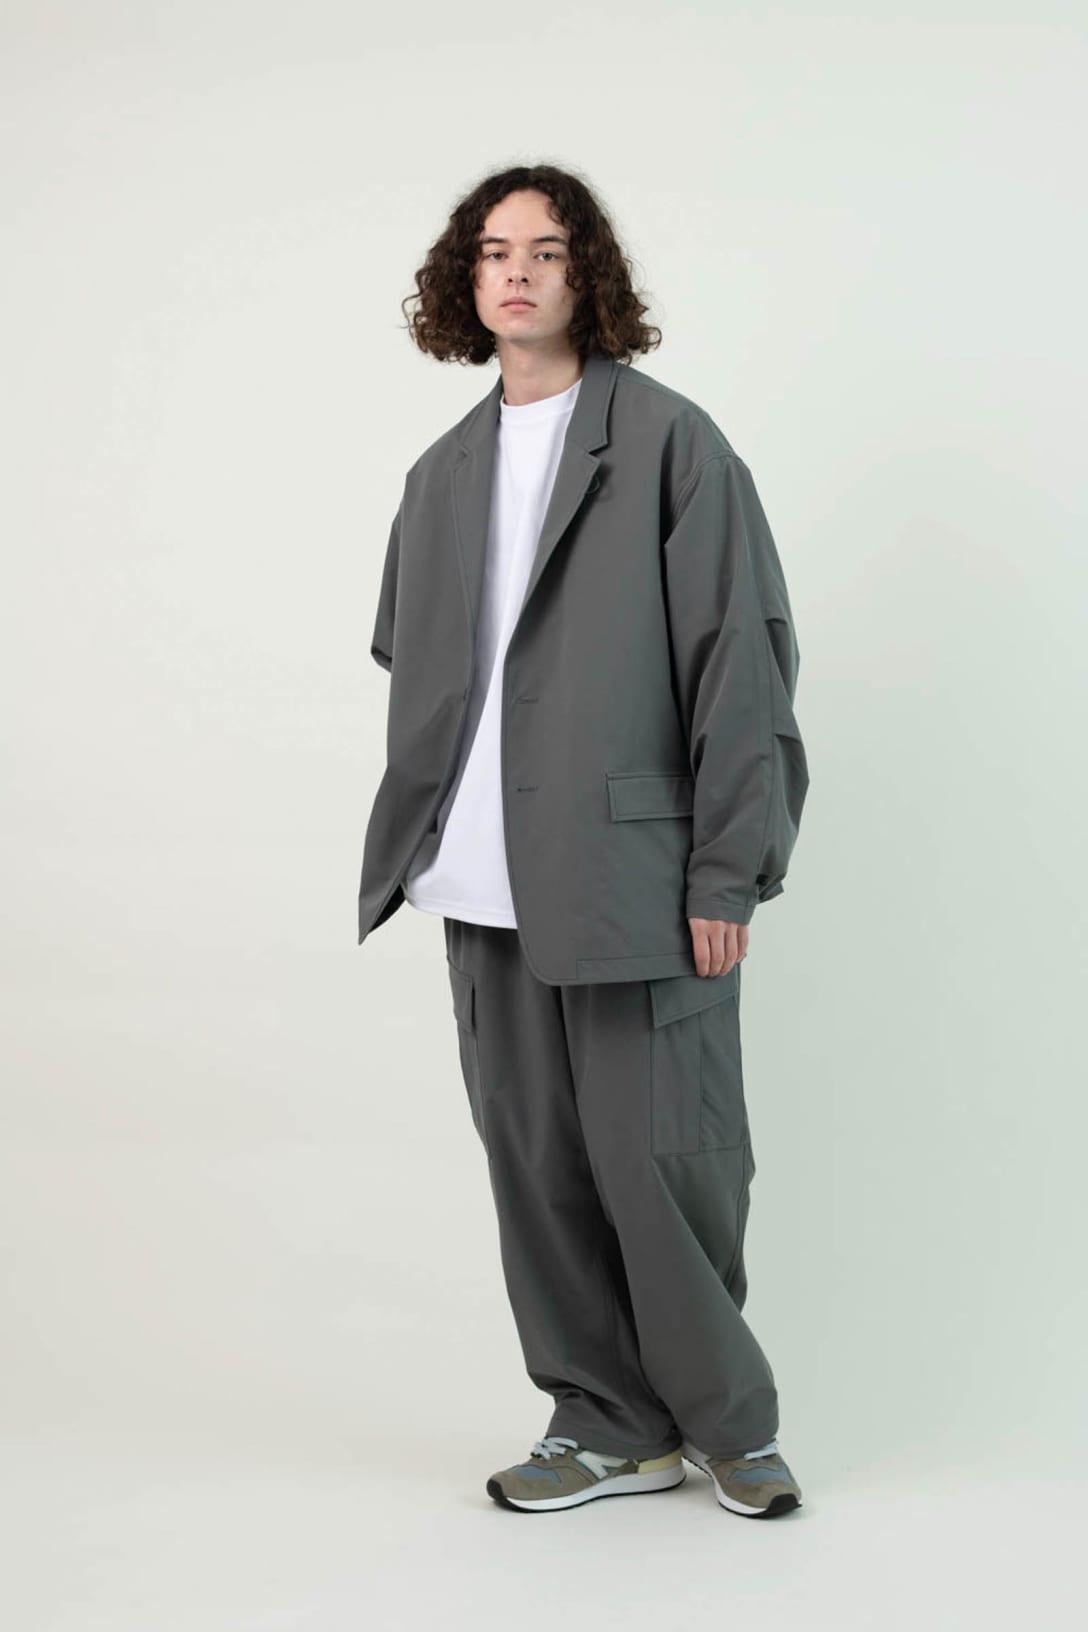 ブランドで最も人気のオーバーサイズジャケットとパンツのセットアップ Image by DAIWA PIER39